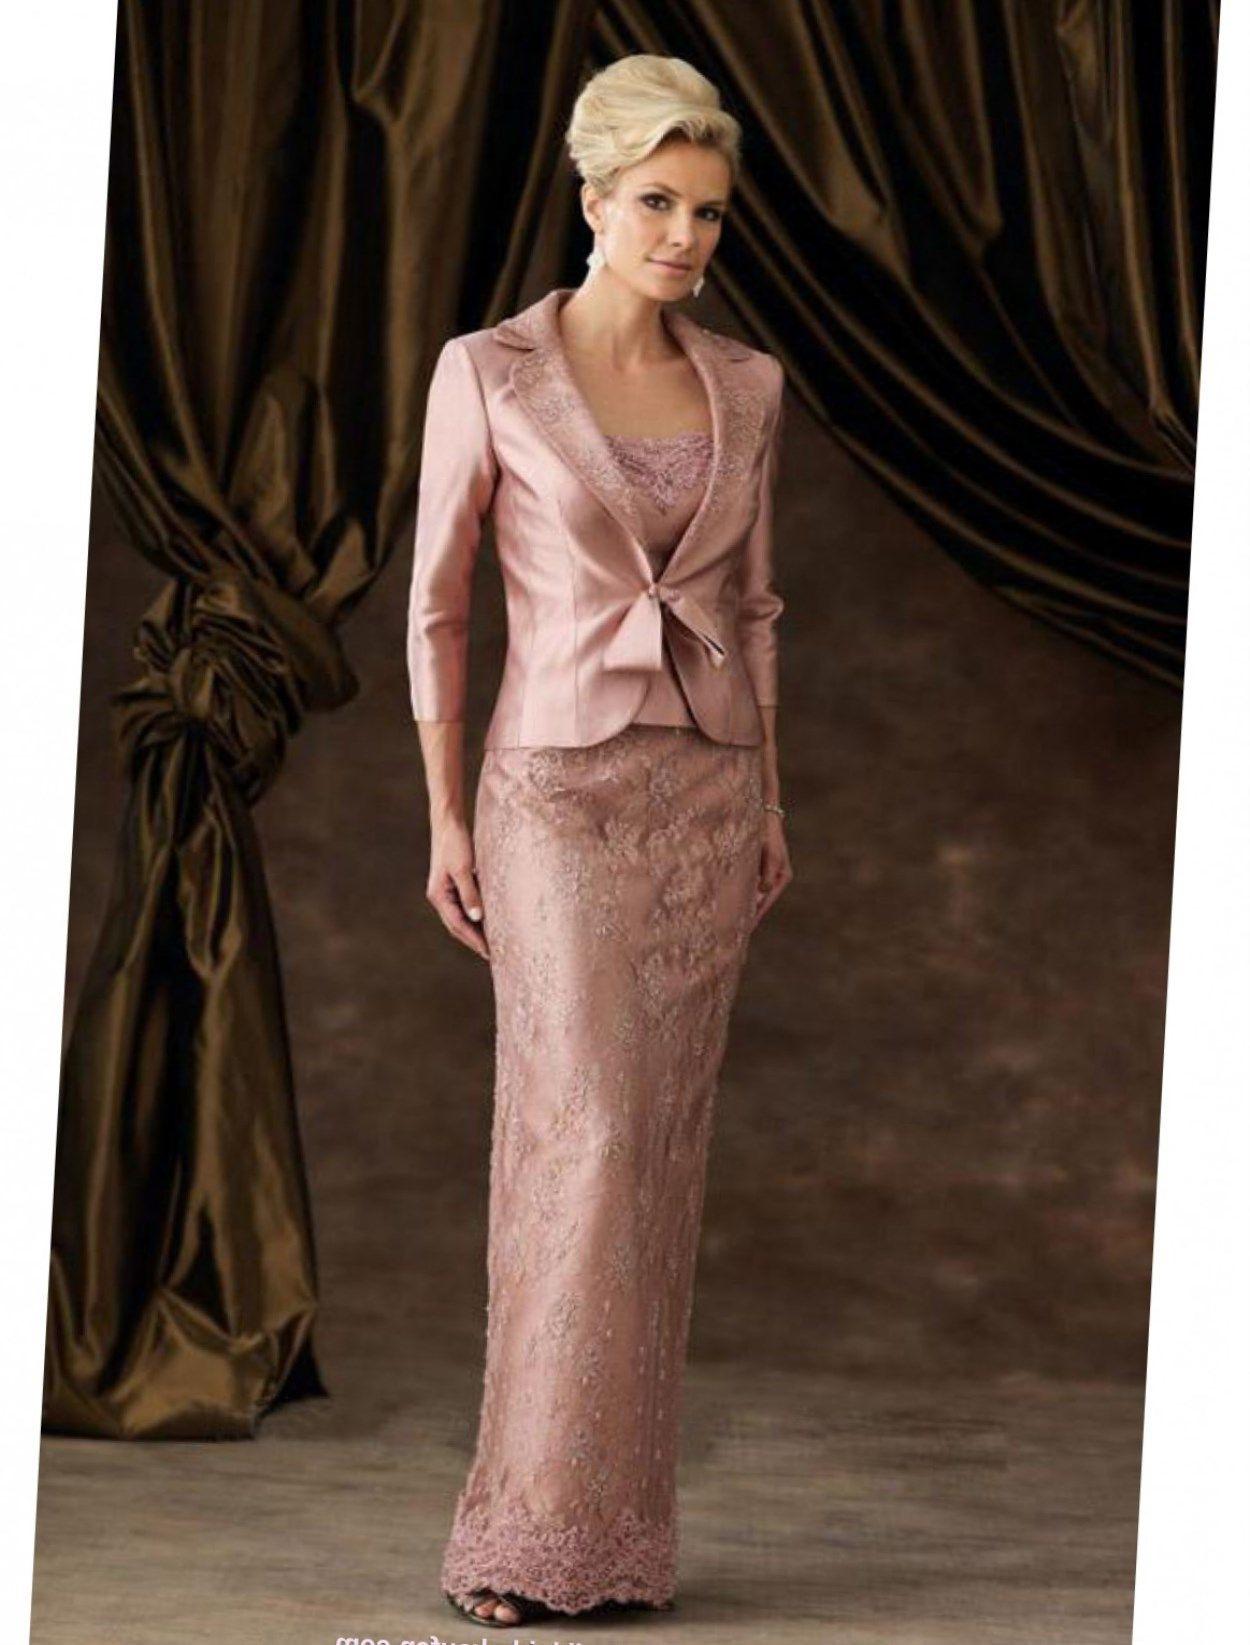 15 Großartig Abendkleid Für Ältere Damen BoutiqueAbend Schön Abendkleid Für Ältere Damen Boutique